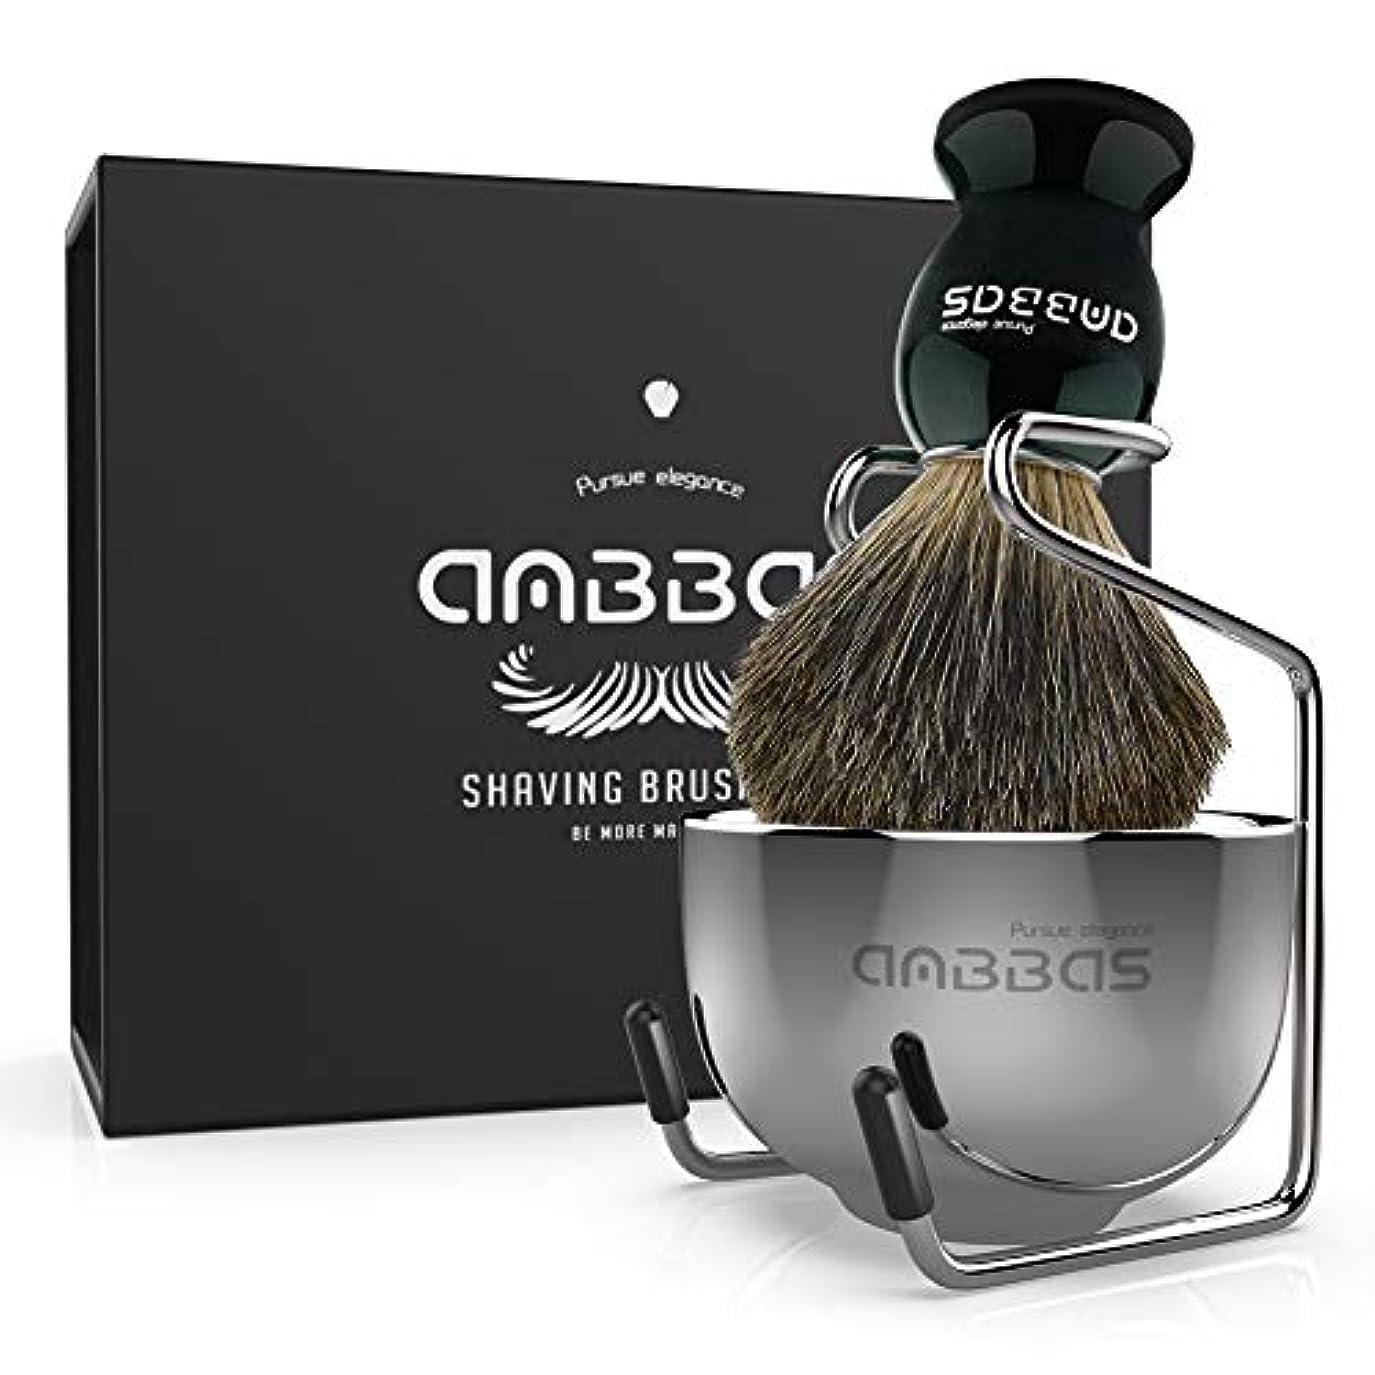 クライマックスパンツ周りAnbbas シェービングブラシセット アナグマ毛 ブラシ+スタンド+石鹸ボウル 3点セット メンズ 髭剃り 泡立ち 洗顔ブラシ